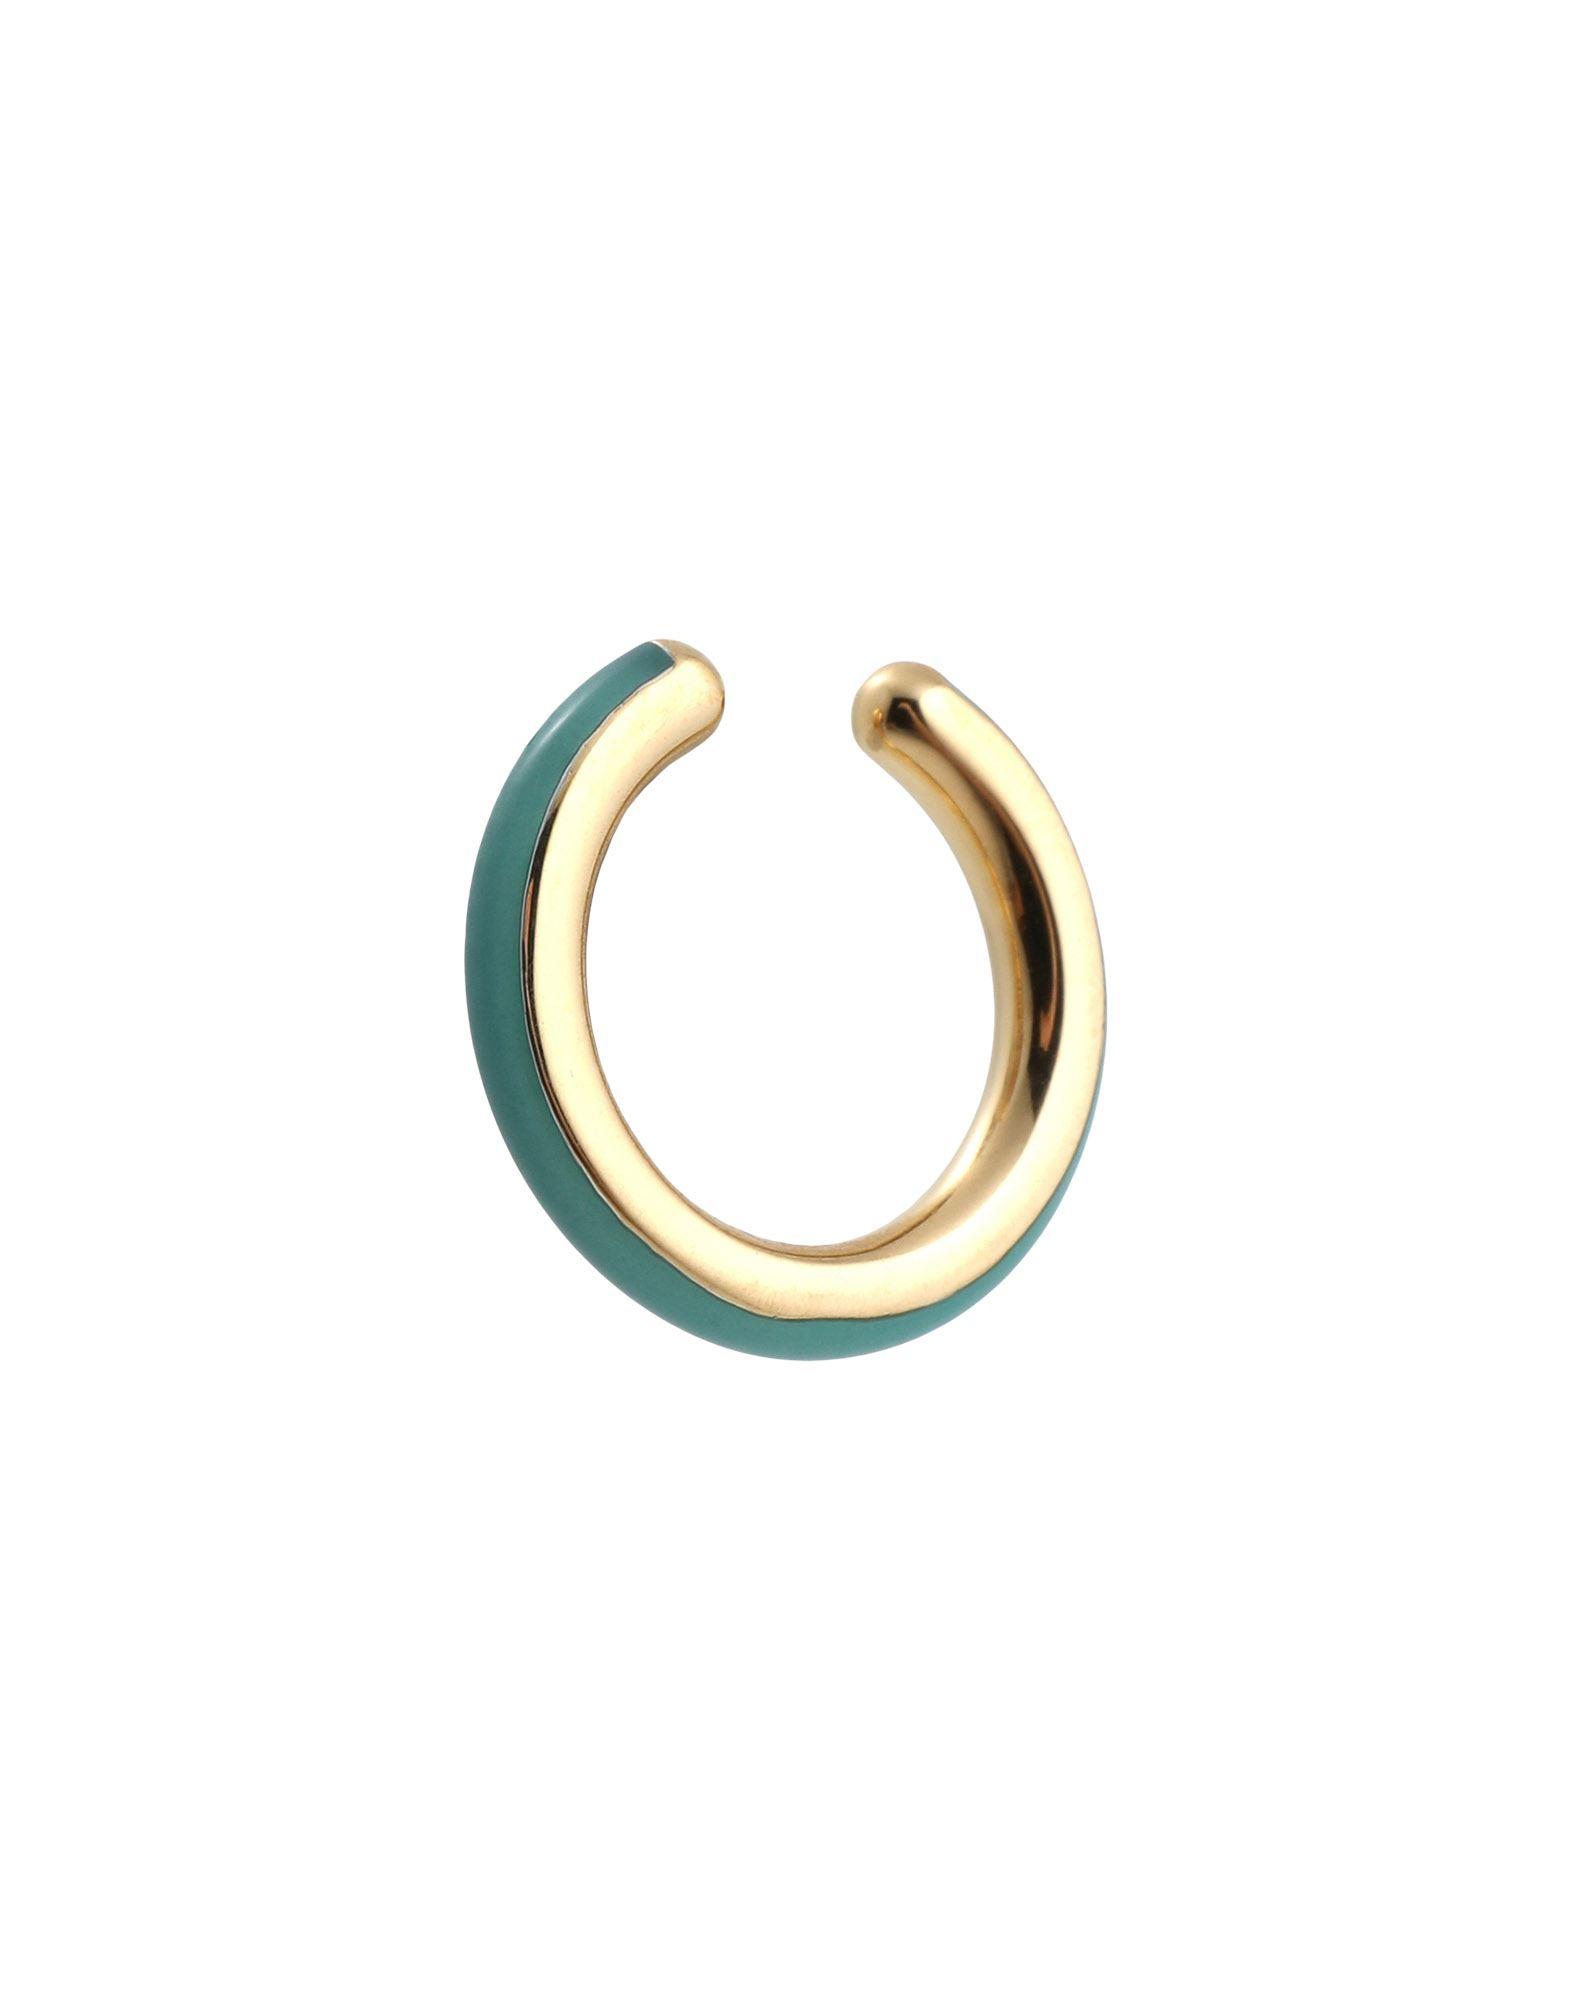 《セール開催中》MARIA BLACK レディース ピアス&イヤリング ターコイズブルー シルバー925/1000 CINDY EAR CUFF